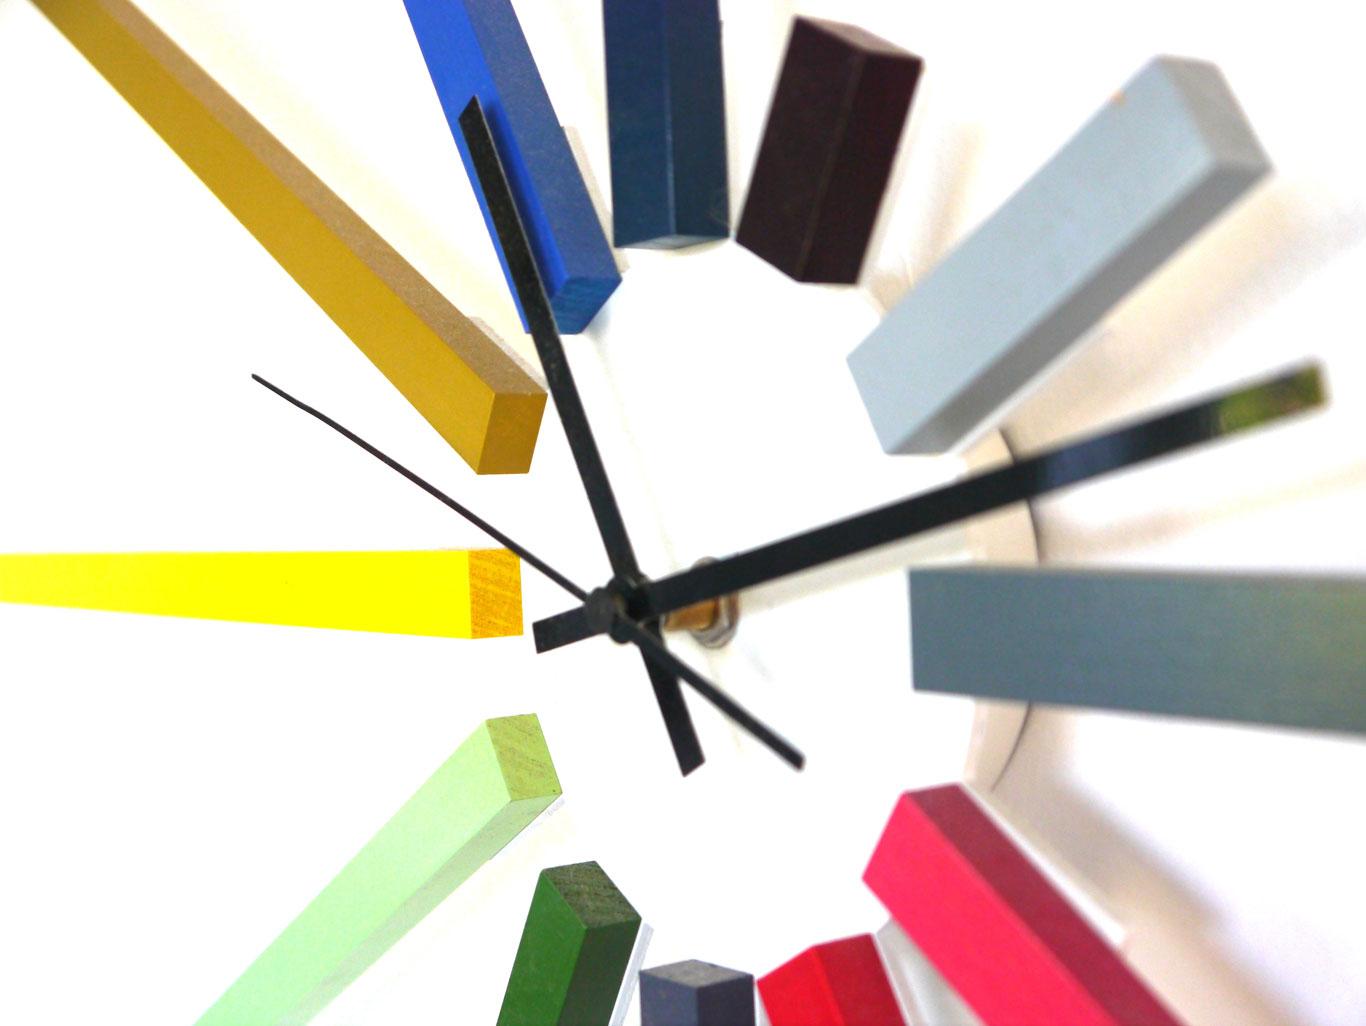 Habitat clock